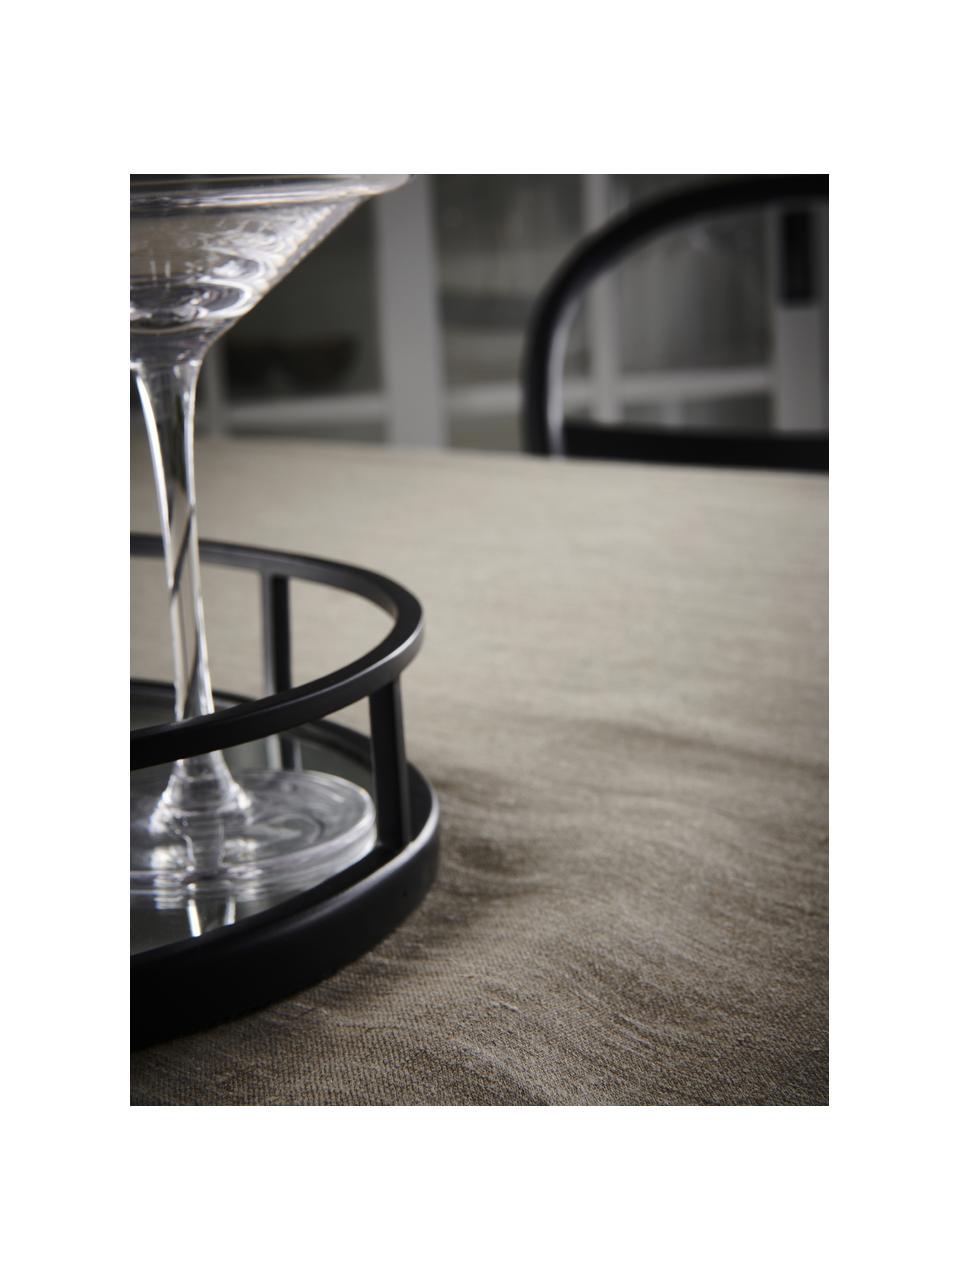 Leinen-Tischdecke Heddie in Beige, 100% Leinen, Beige, Für 4 - 6 Personen (B 145 x L 200 cm)